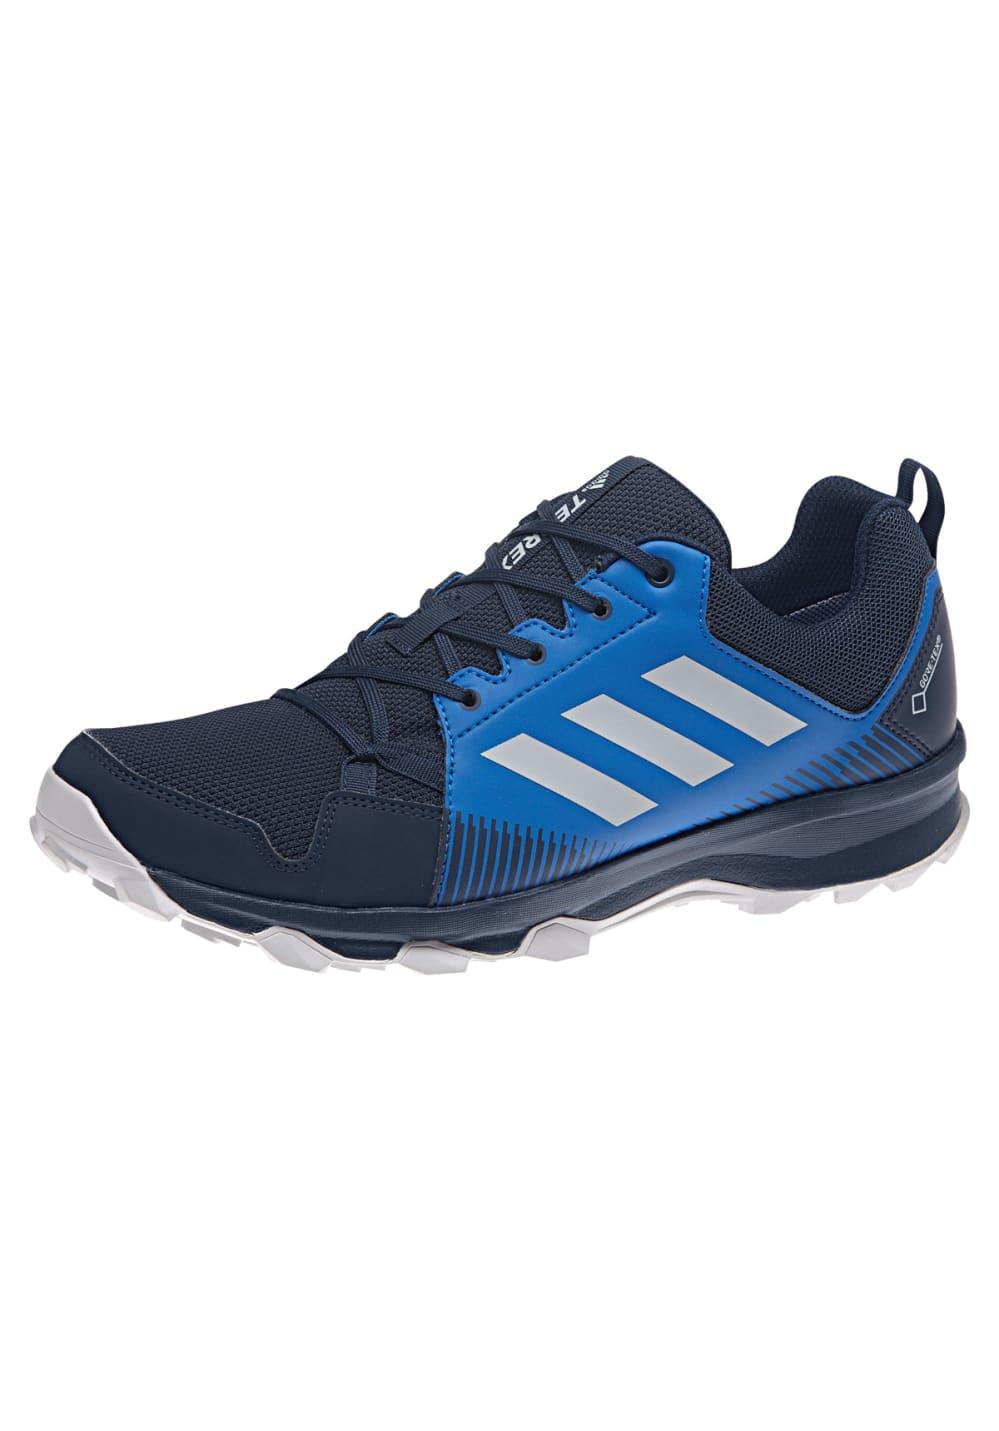 41af7ede4af adidas TERREX Terrex Tracerocker GTX - Running shoes for Men - Blue ...